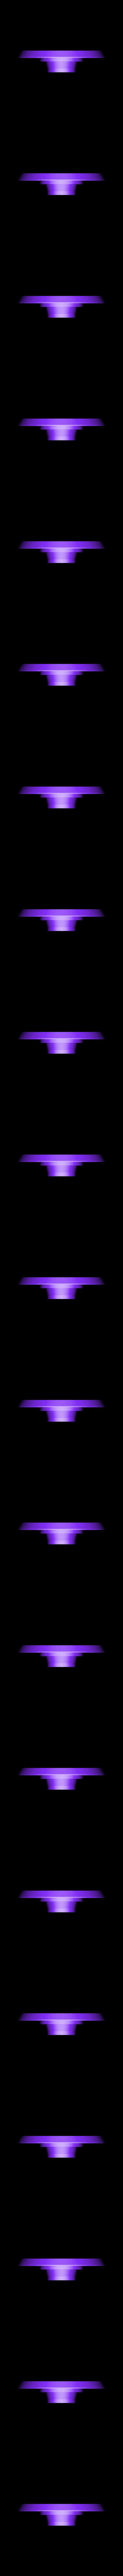 Button.stl Télécharger fichier STL gratuit ADHD Fidget Toy • Modèle pour impression 3D, Yuval_Dascalu